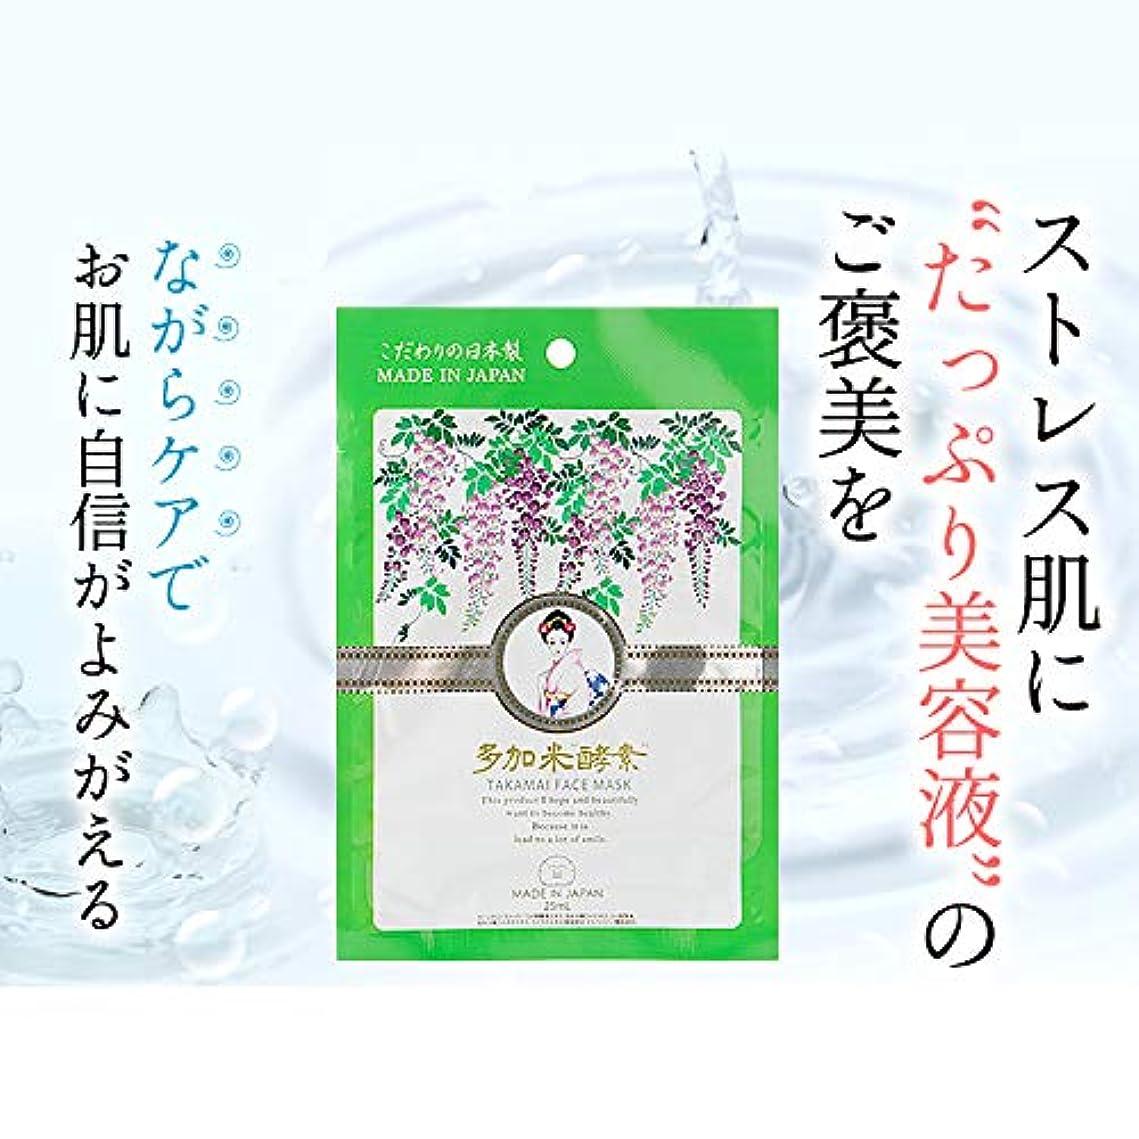 シリンダー断片ケーキ多加米酵素フェイスマスク シートマスク フェイスマスク 保湿マスク 美容液 25ml 20枚セット